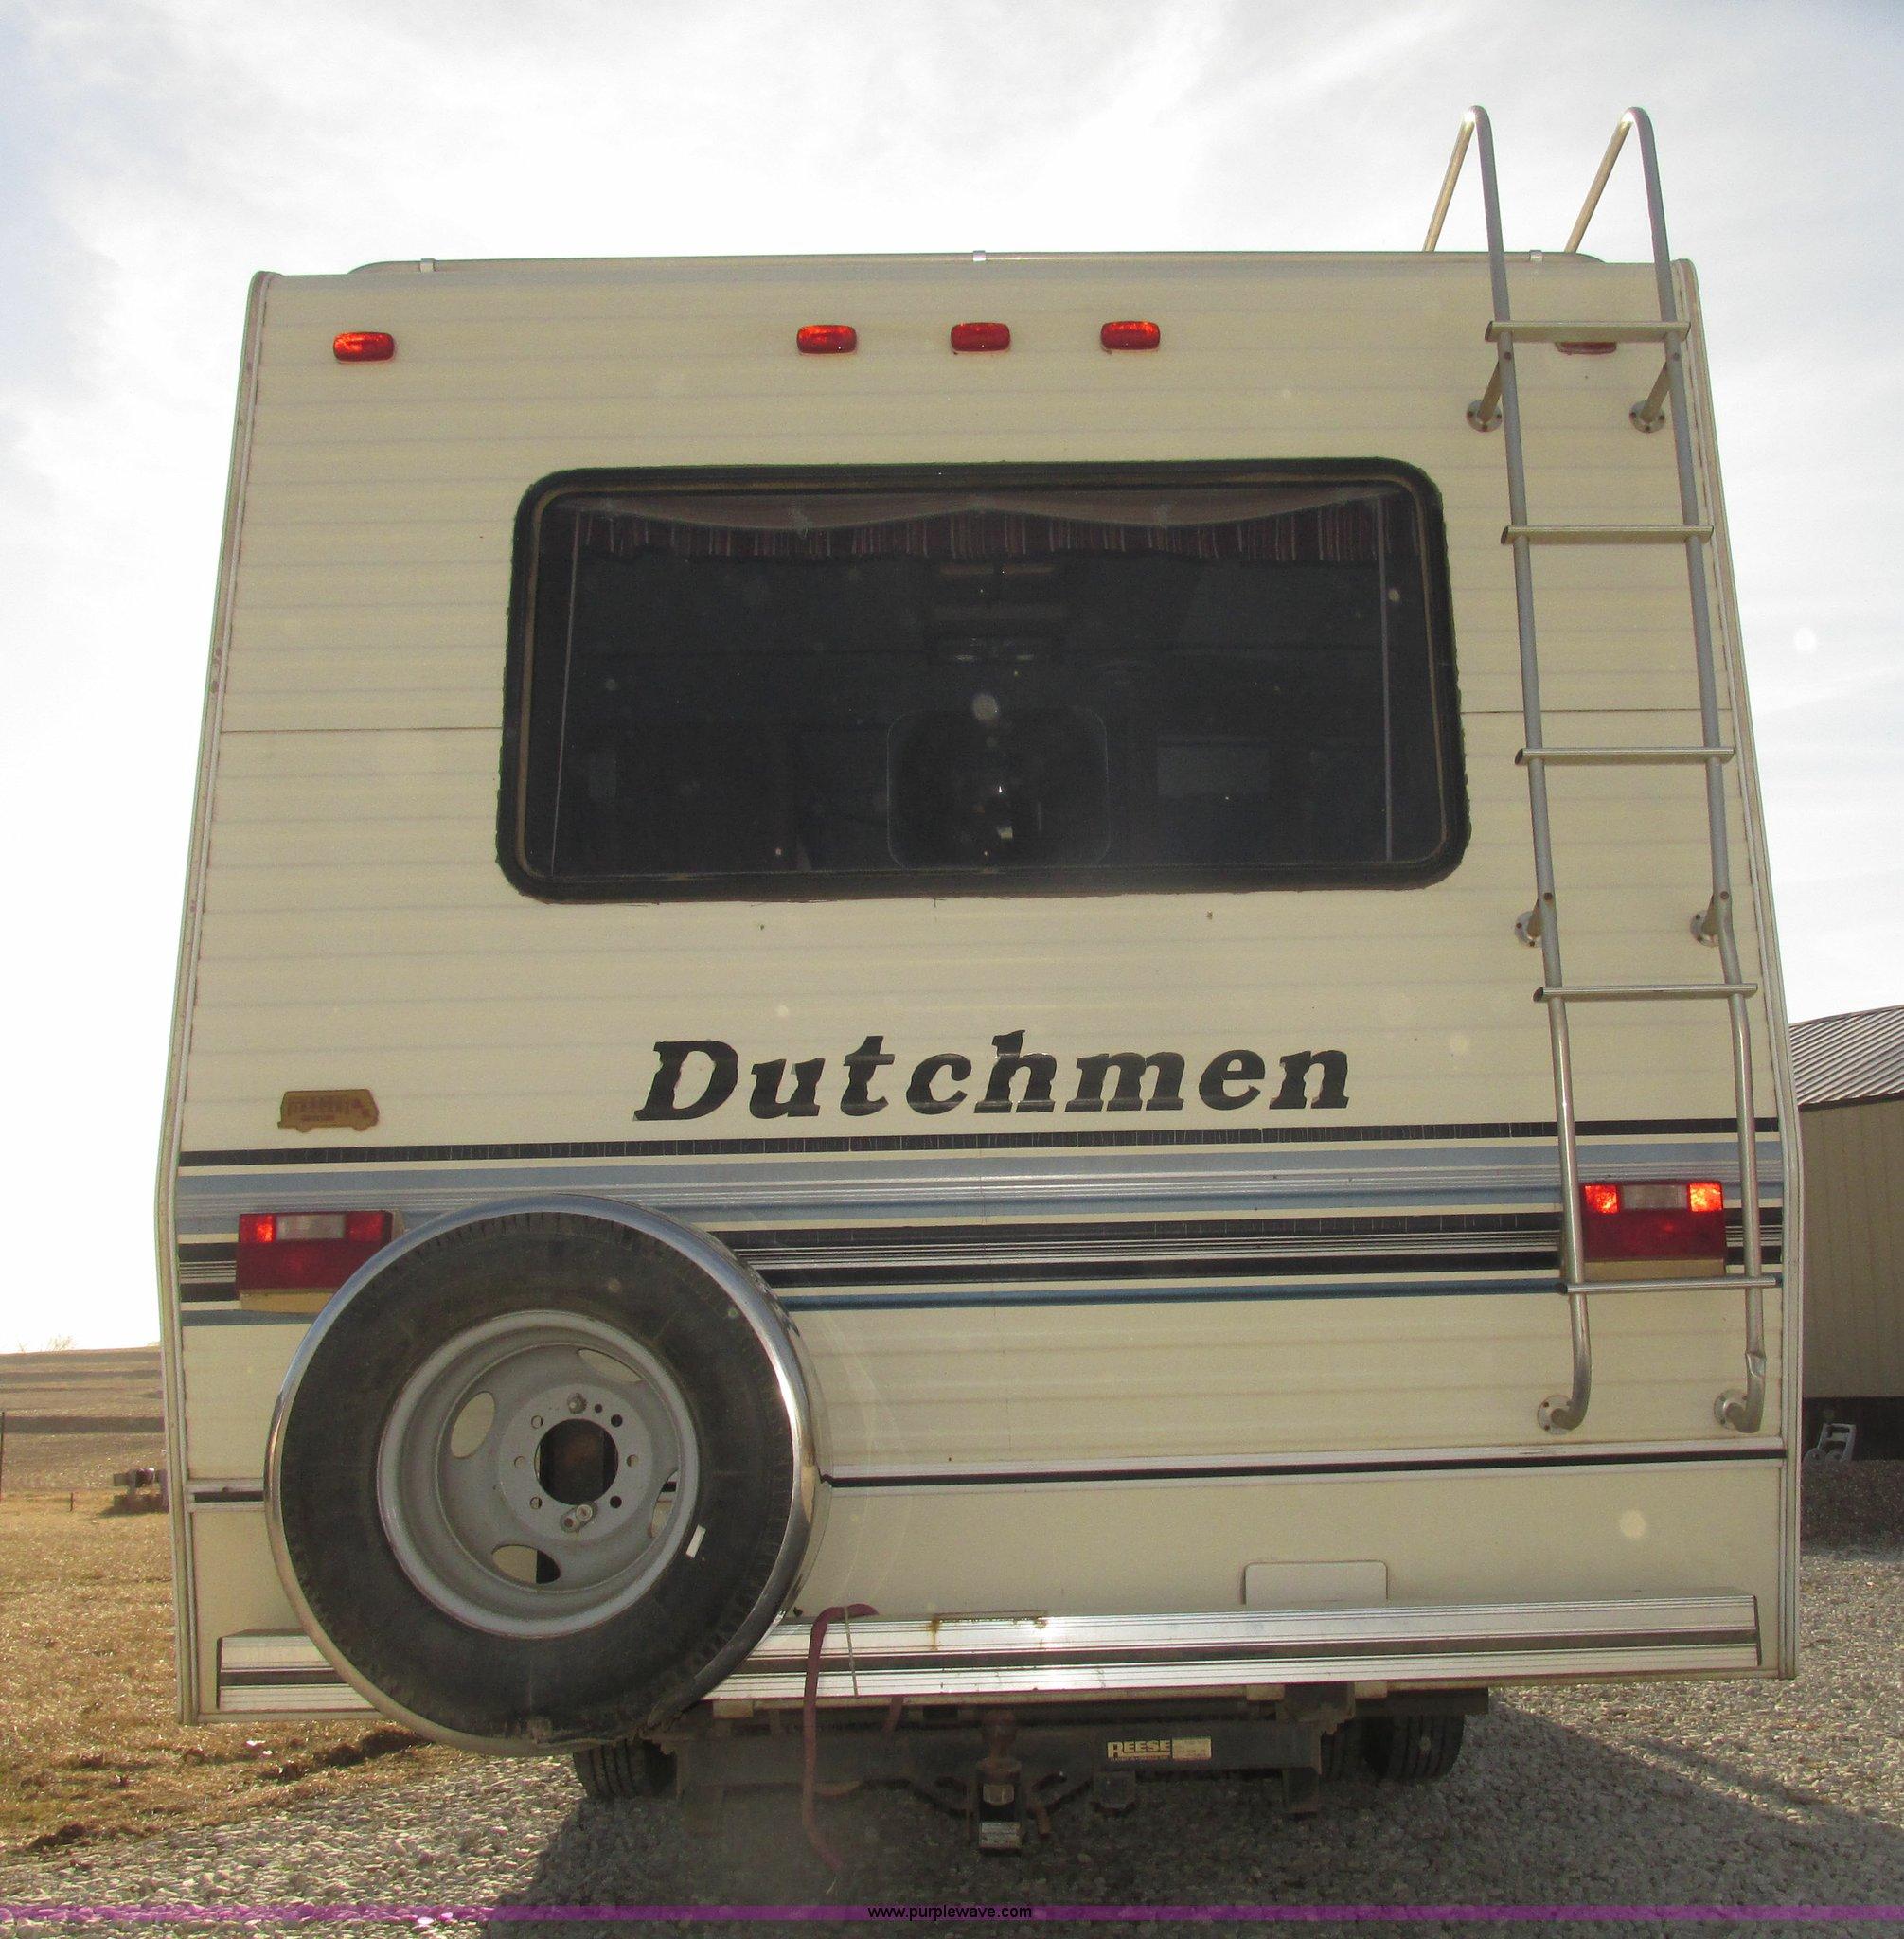 1993 Ford Econoline E350 Dutchman 30' RV | Item H4735 | SOLD